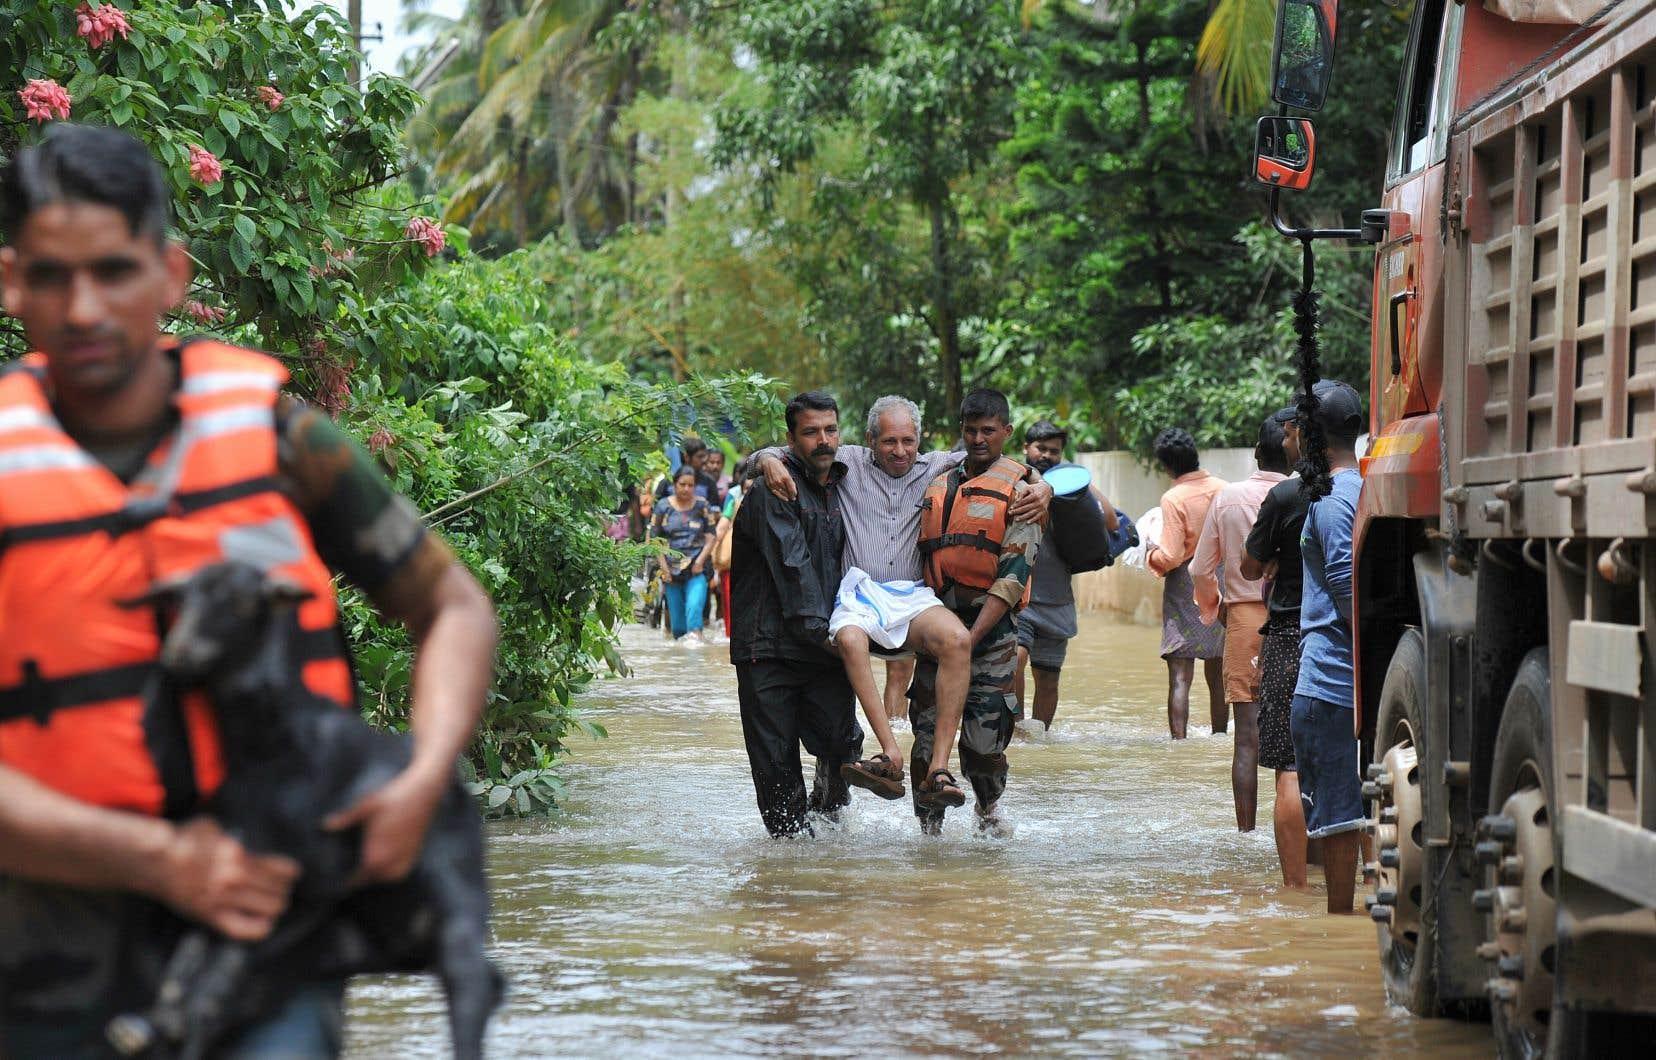 Quelque 350000 personnes sinistrées ont dû se réfugier dans 3000 camps d'urgence.